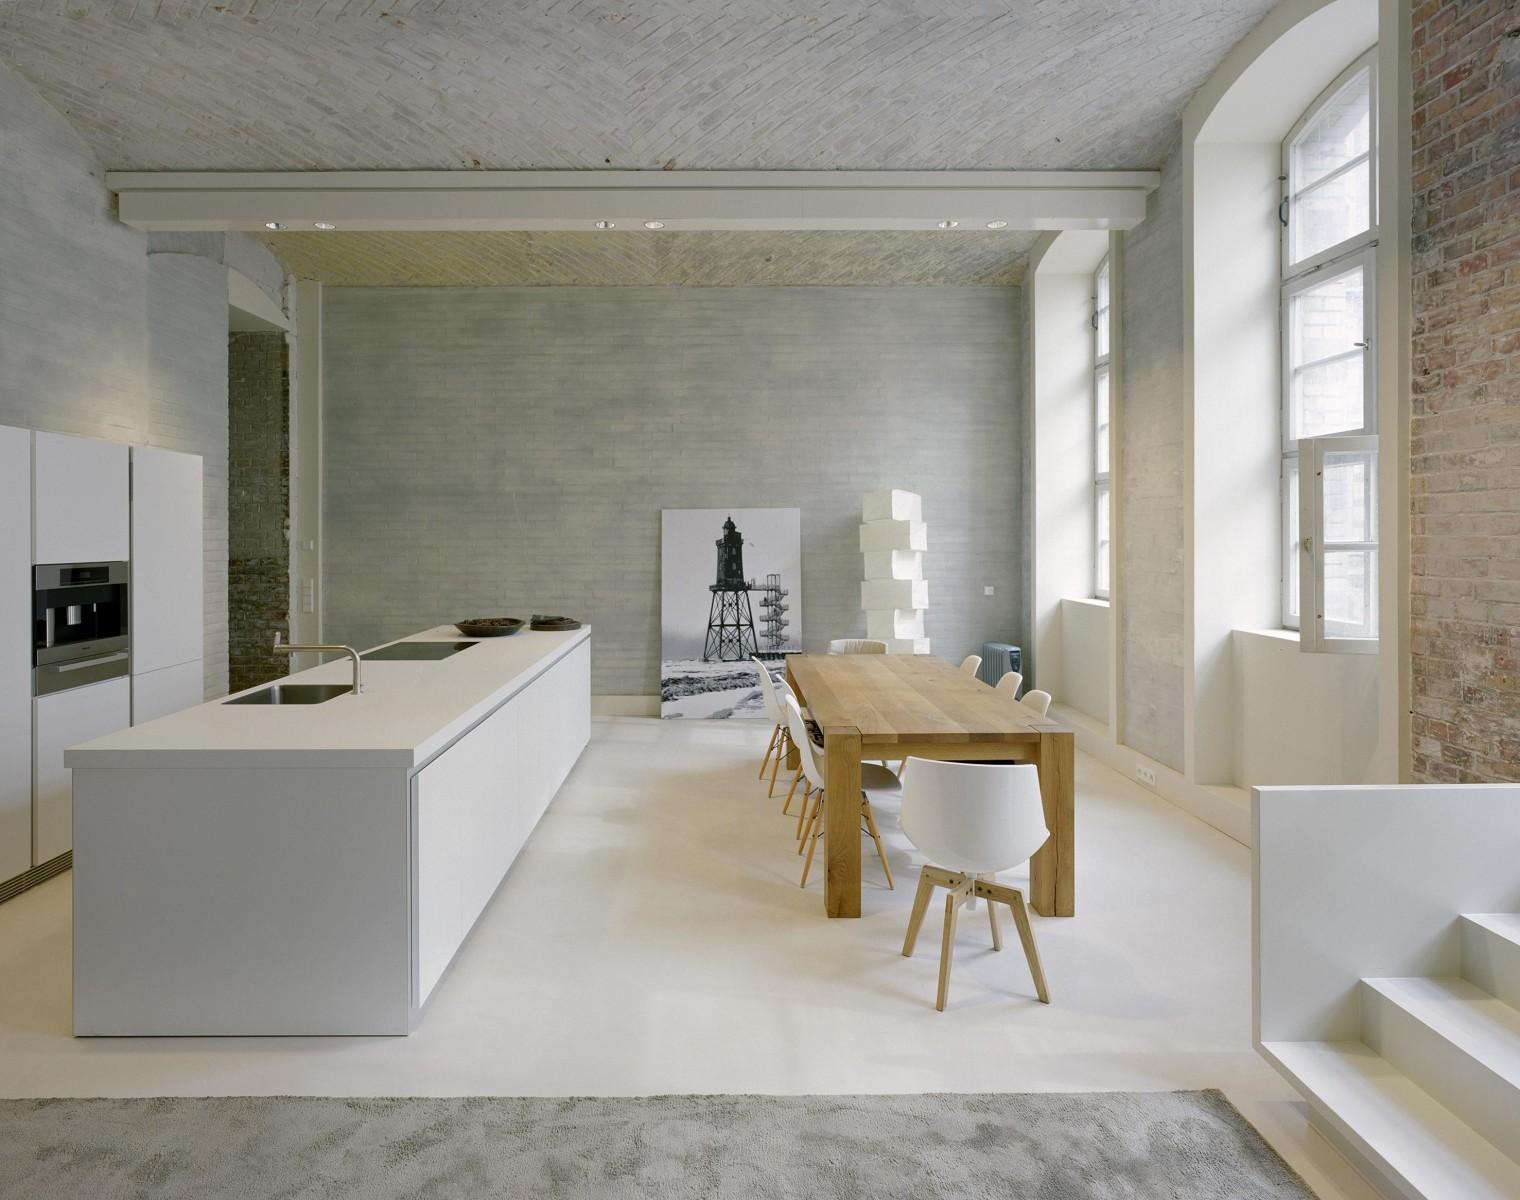 Offener Grundriss loft living callwey architekturbücher